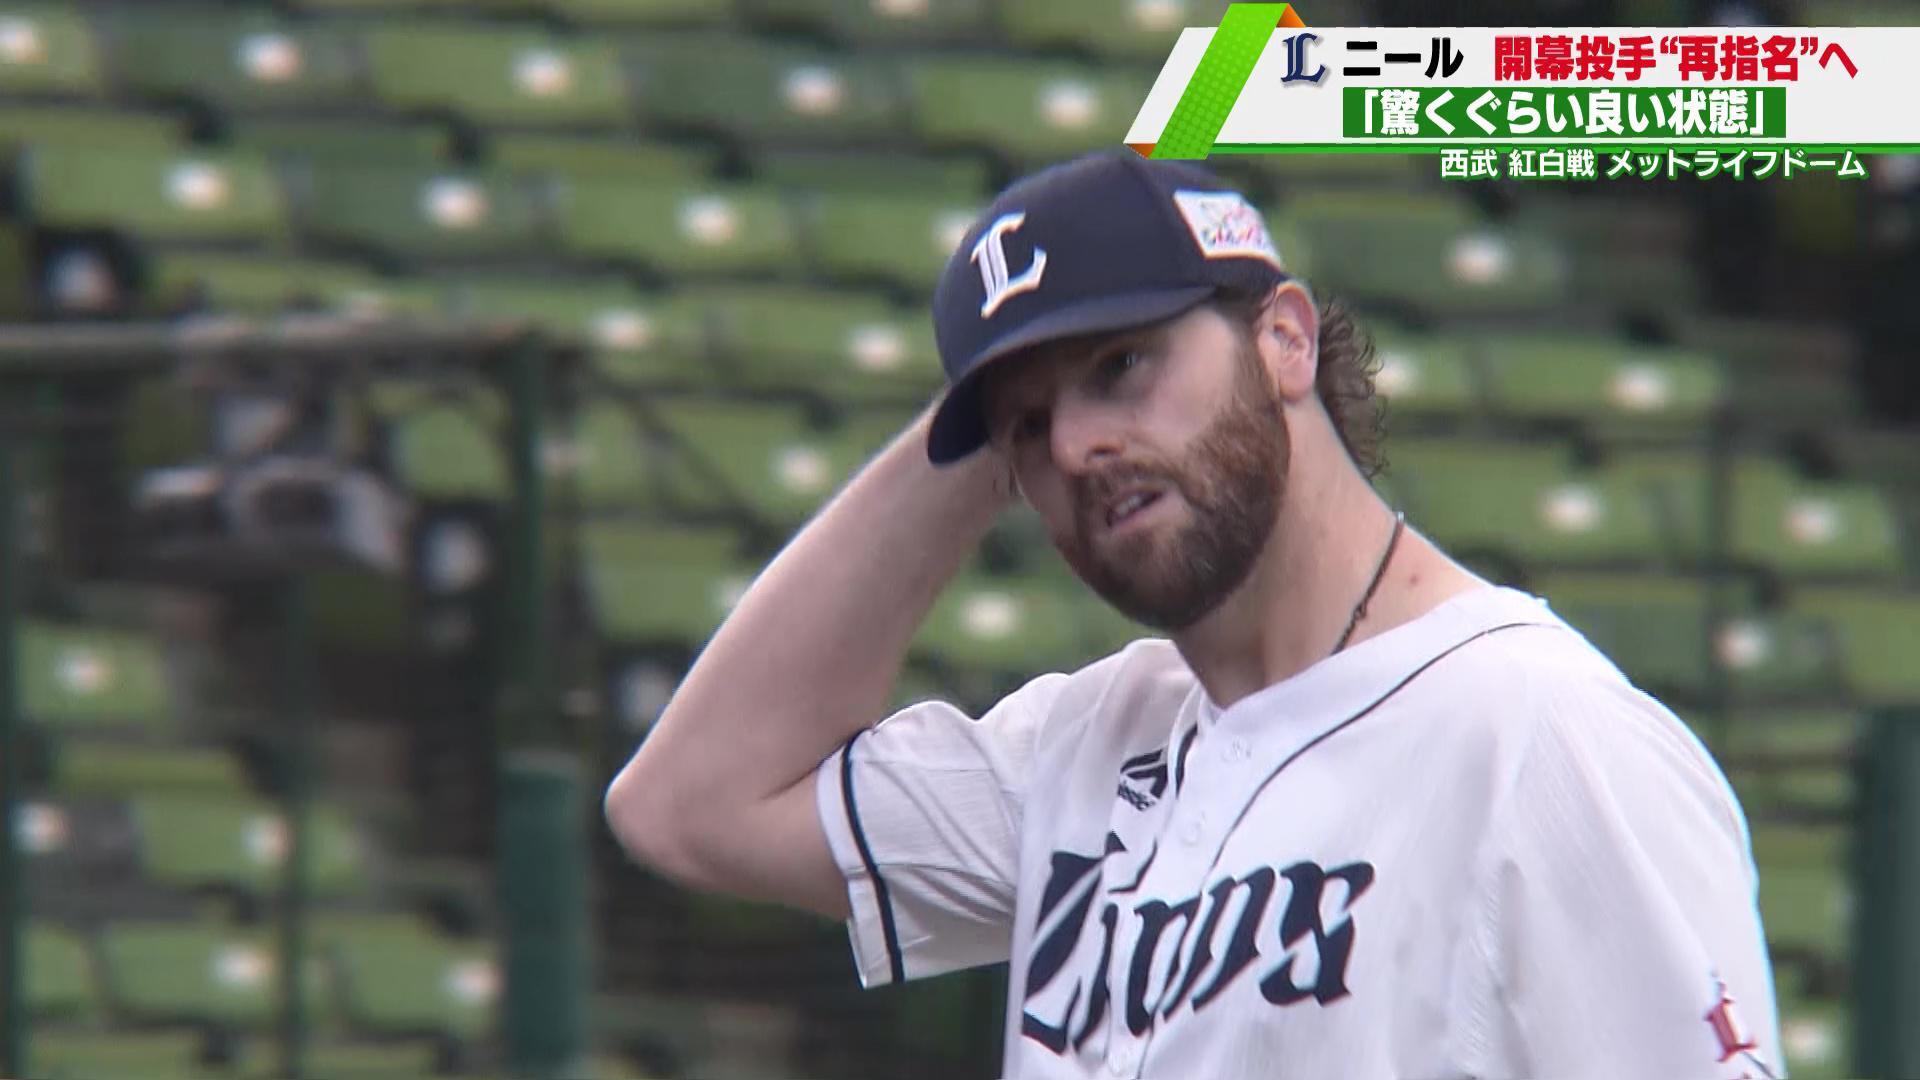 【西武】紅白戦 ニールが4回被安打1の好投!開幕投手再指名へ